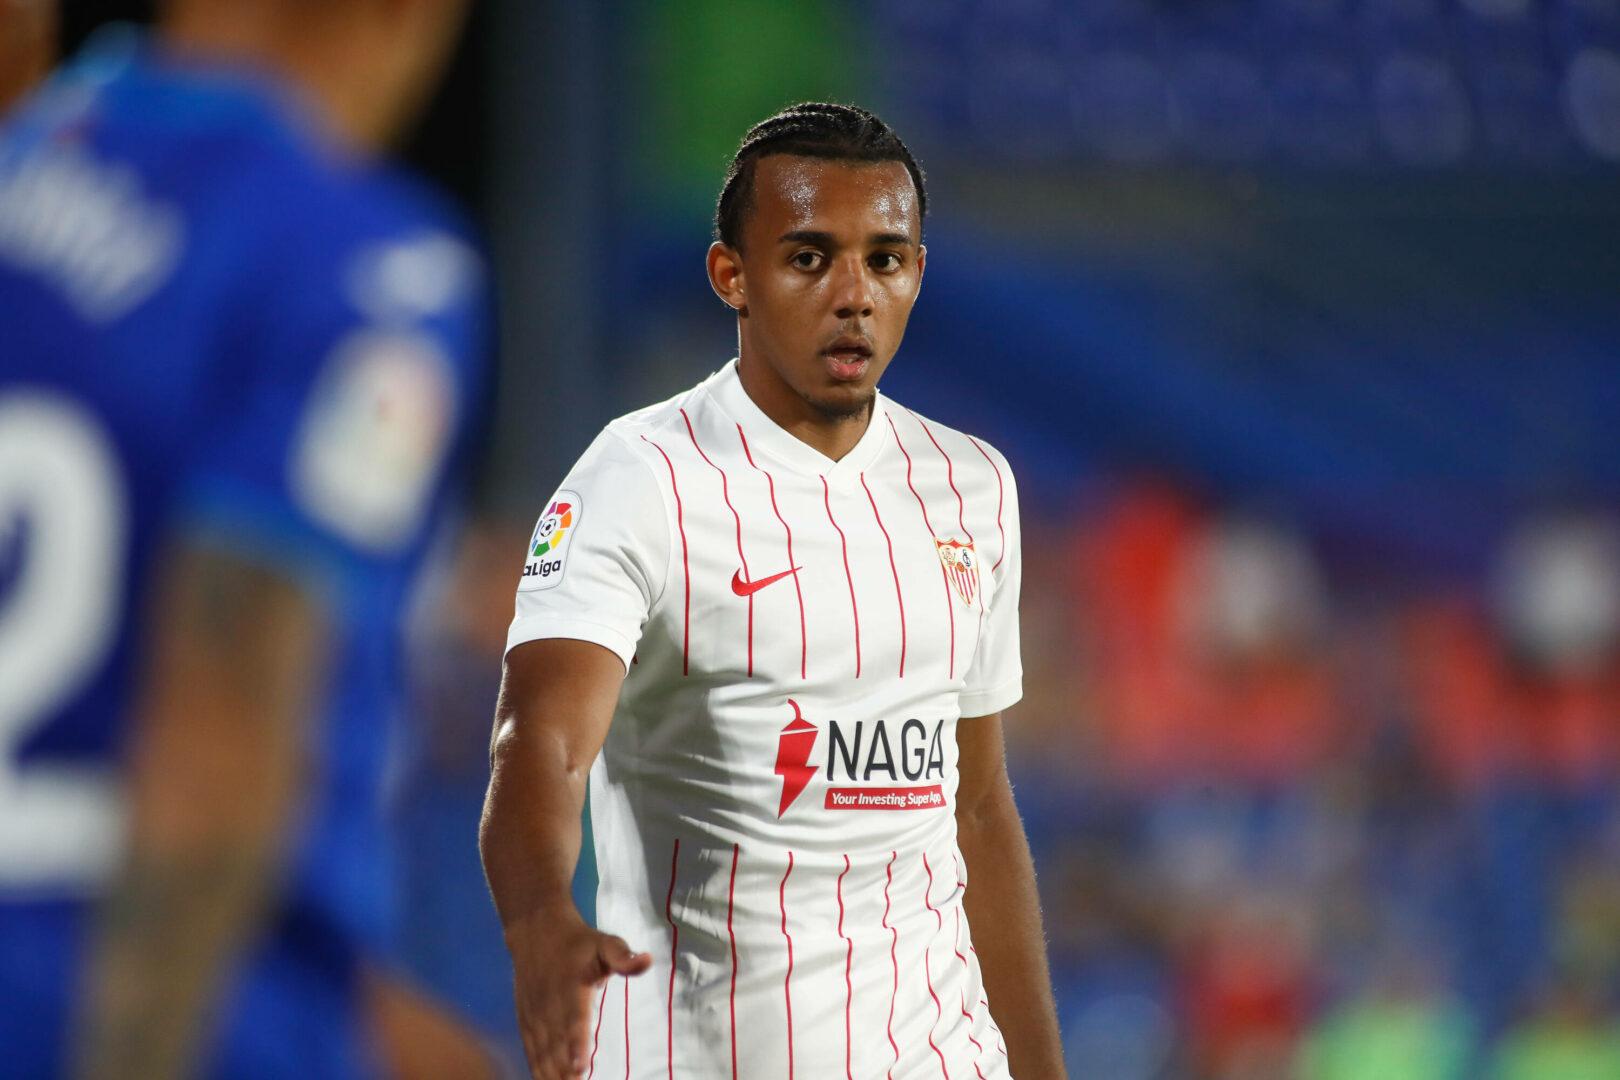 Von Chelsea oder Tottenham? Sevilla bestätigt – Angebot für Kounde abgelehnt